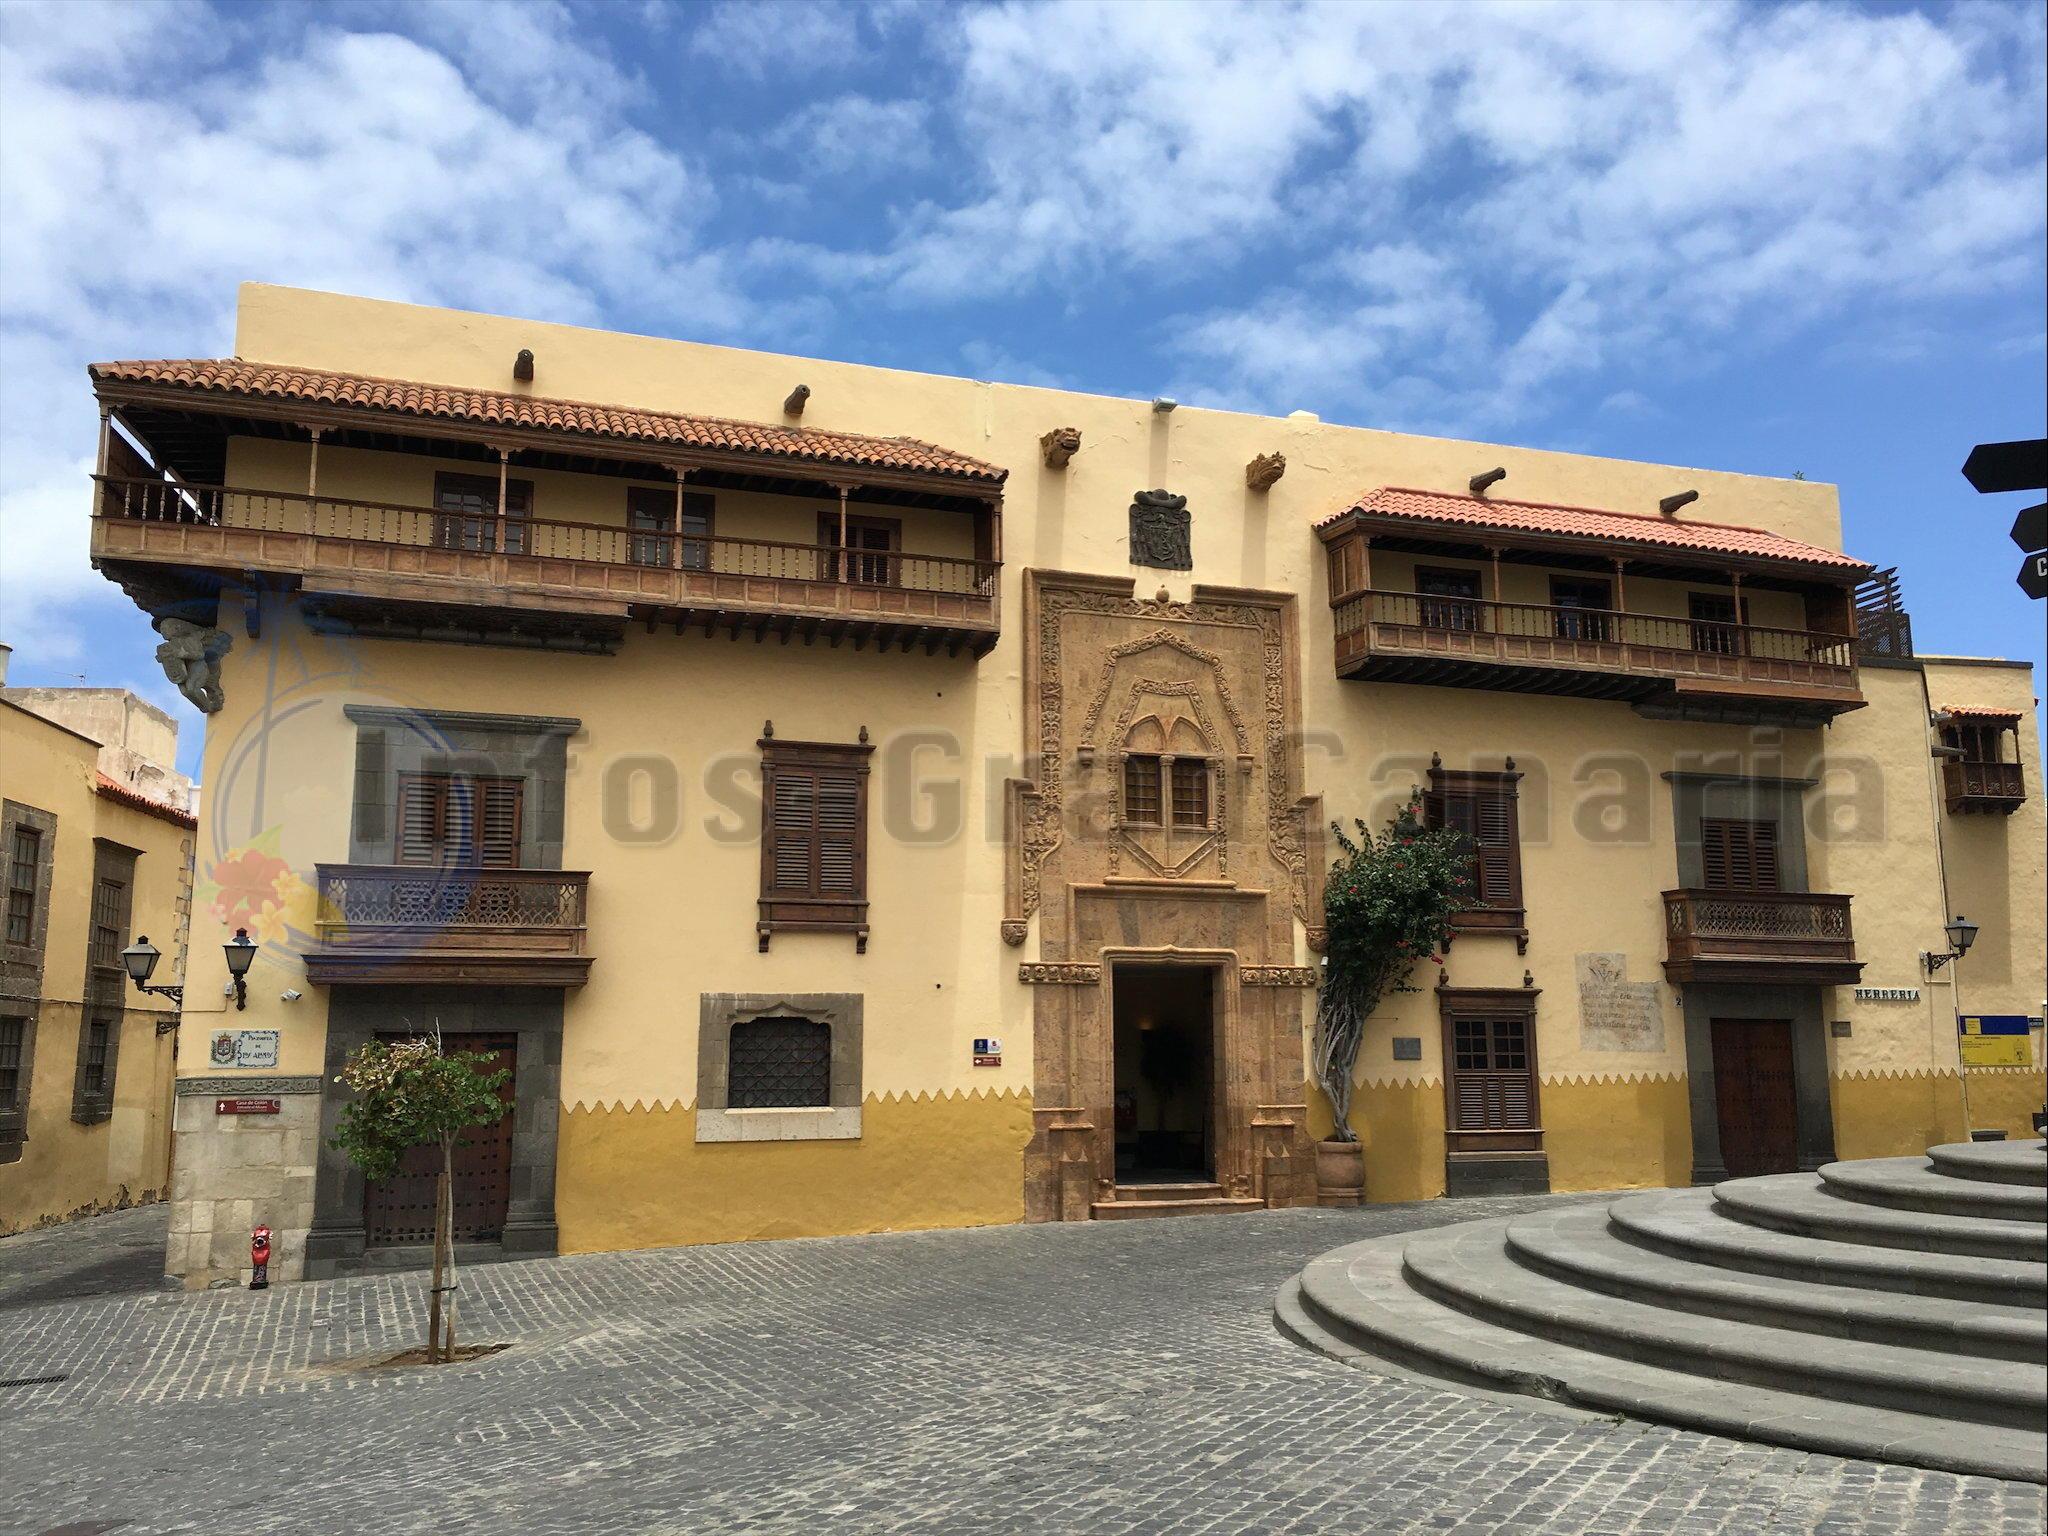 Gran Canaria Ausflug – Das Casa de Colón in Las Palmas